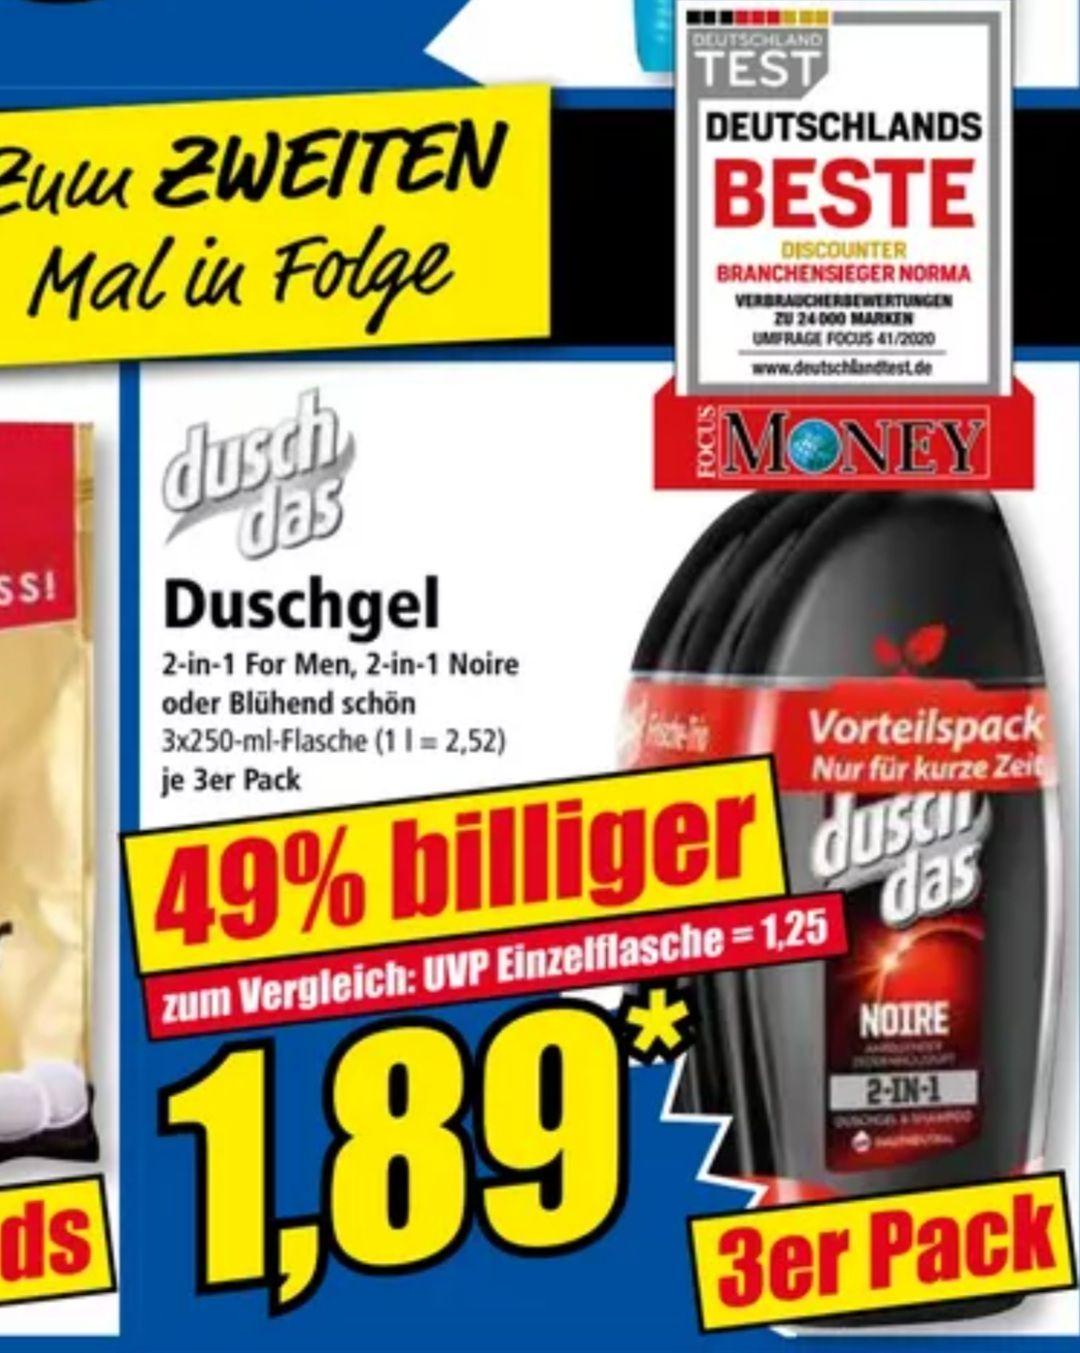 duschdas Duschgel 3er Pack je 250 ml für 1,89€, pro Flasche 63 Cent ab 12.03 Norma